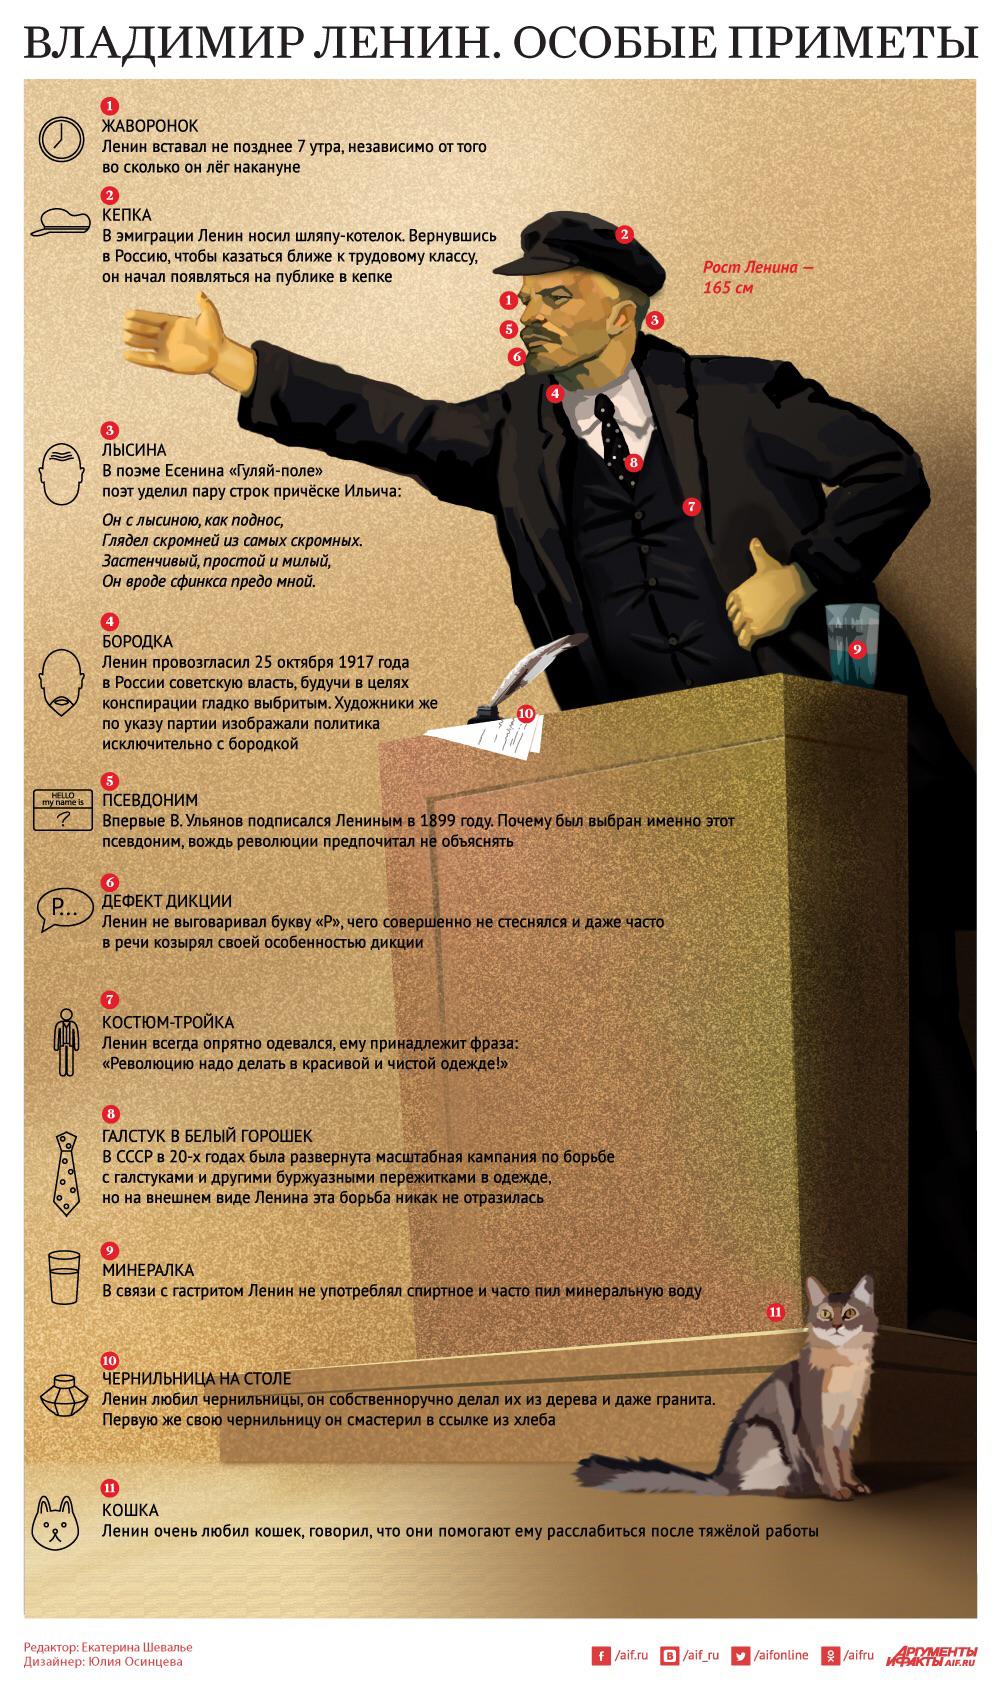 Владимир Ленин. Особые приметы. Инфографика